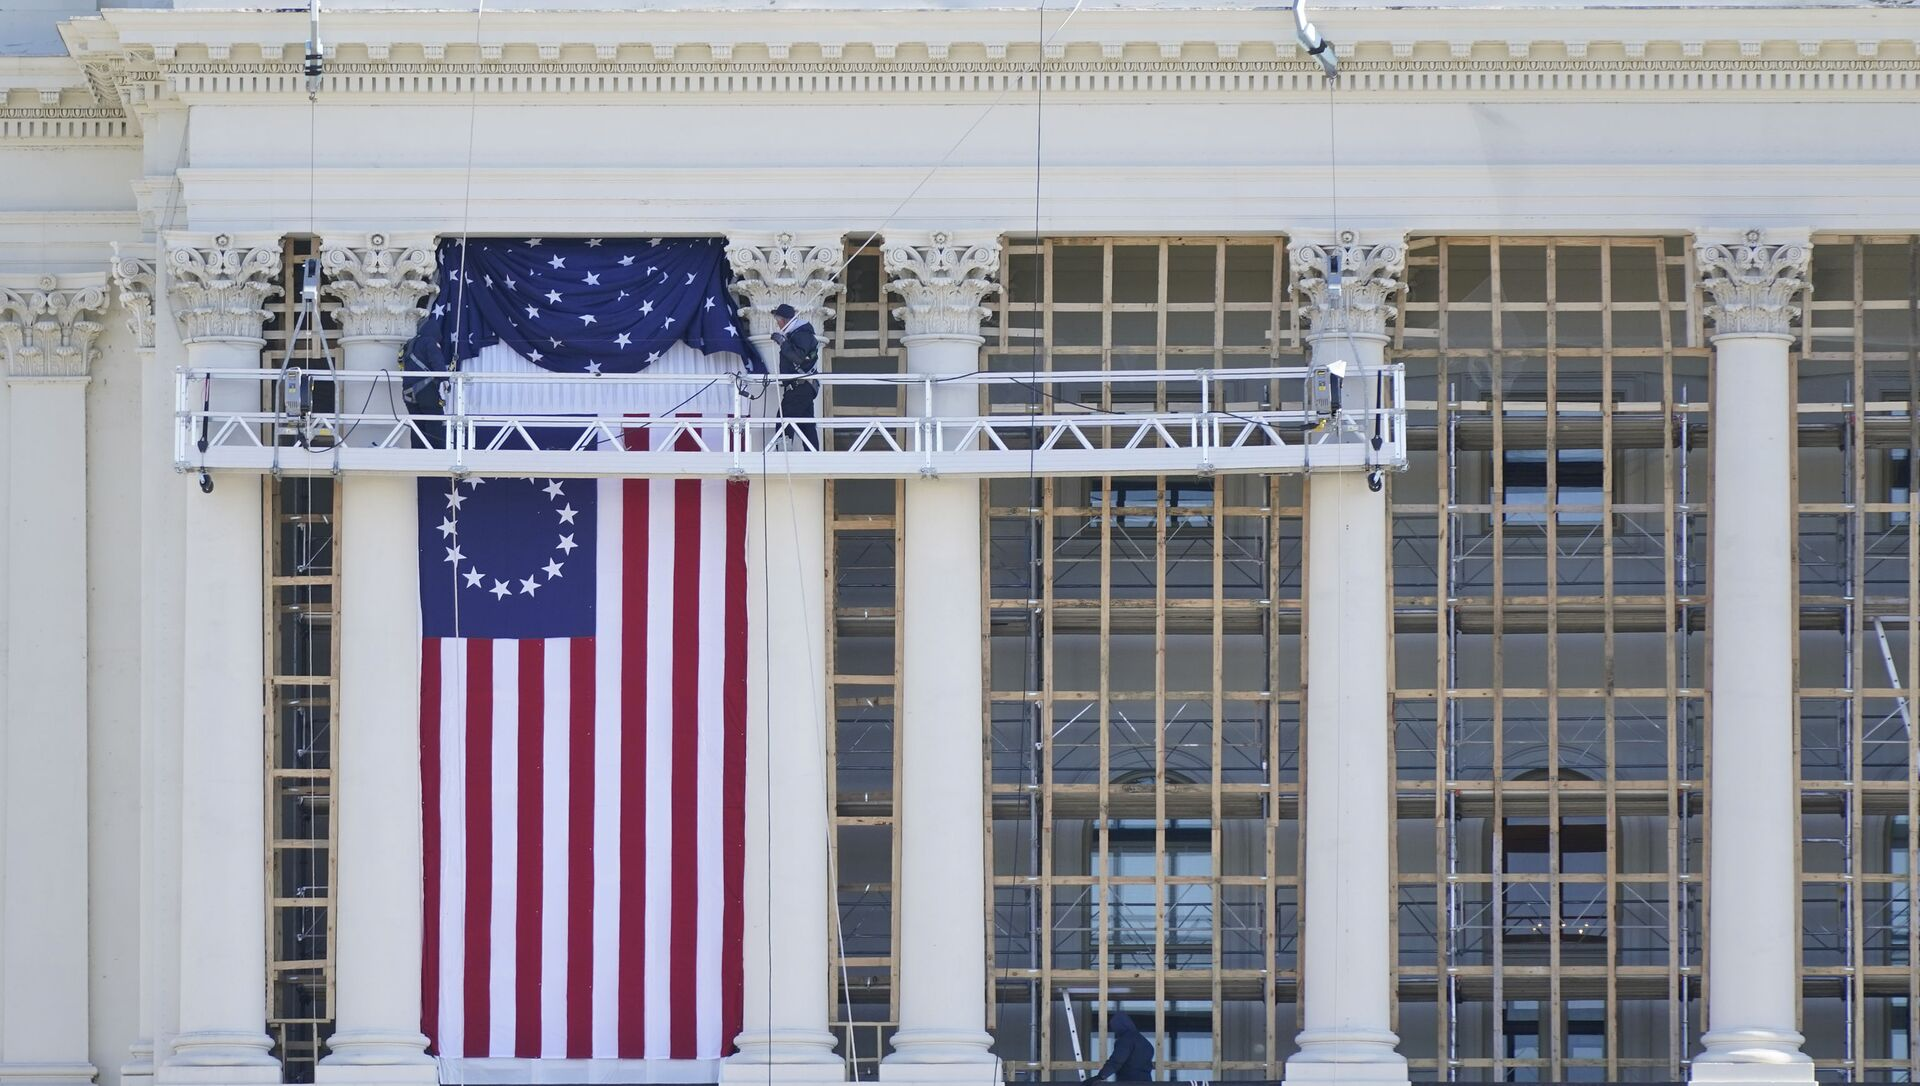 Рабочие устанавливают флаг на Капитолии во время подготовки к инаугурации избранного президента Джо Байдена - Sputnik Беларусь, 1920, 03.03.2021